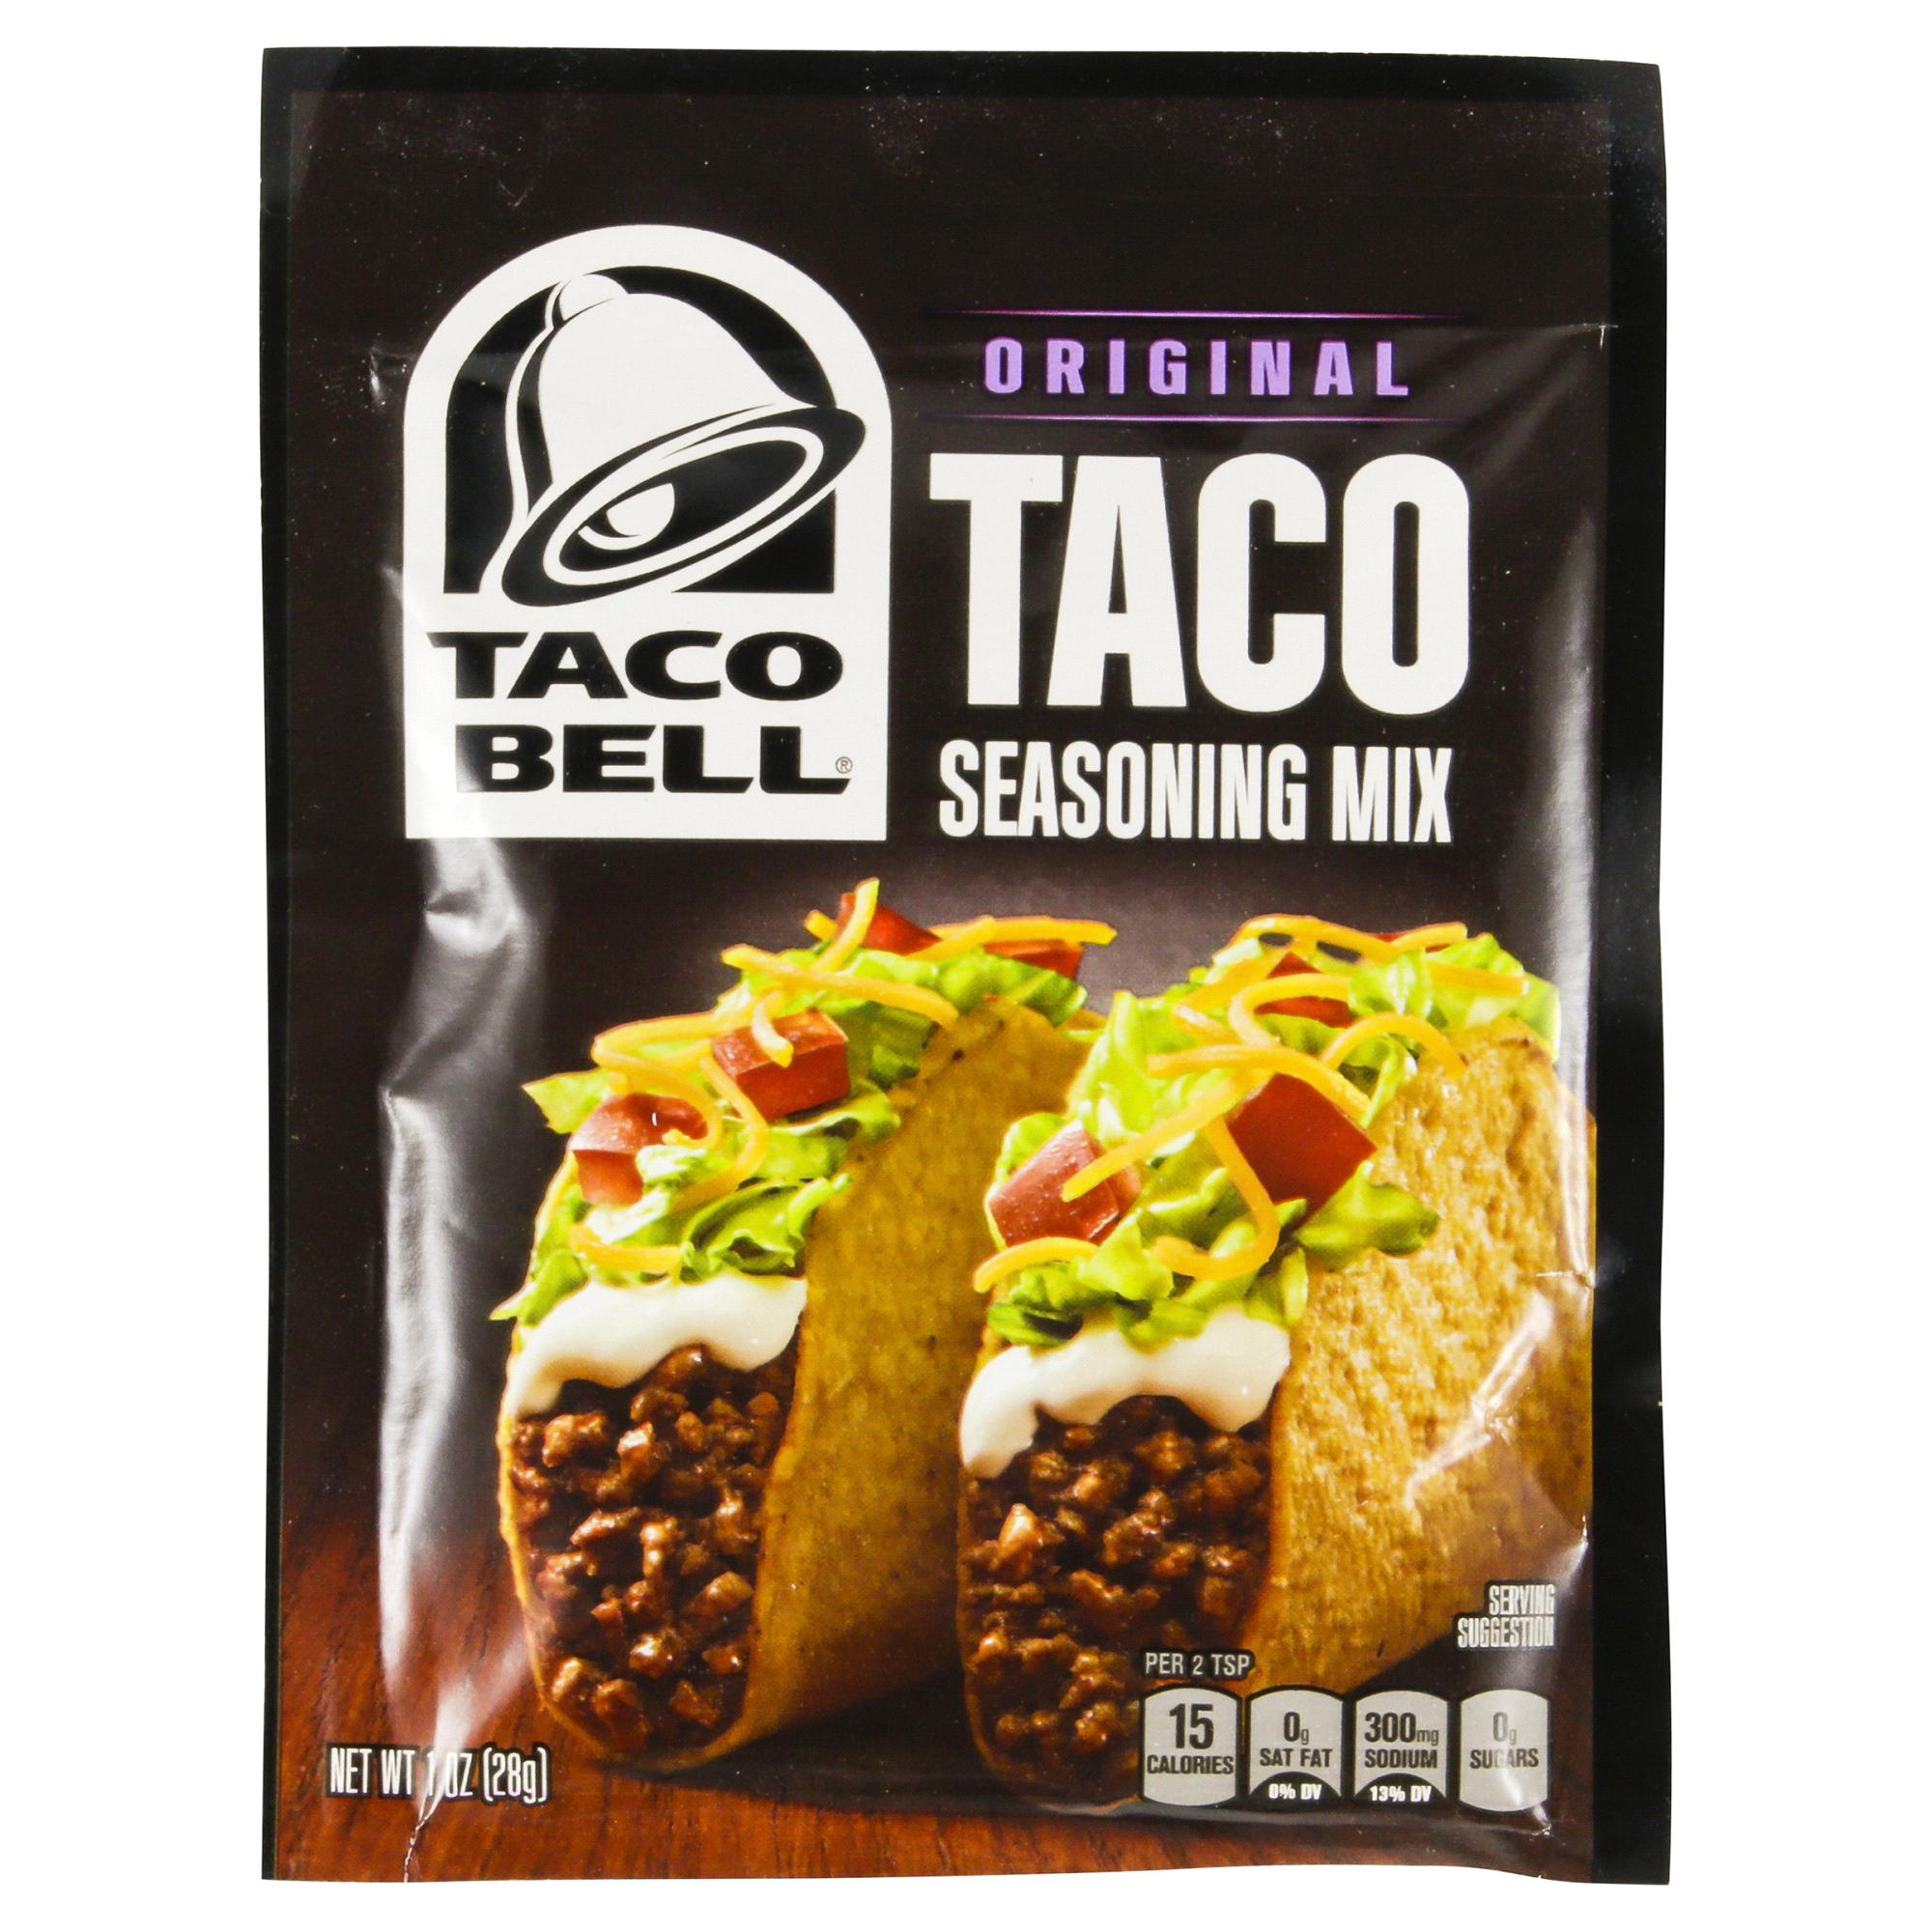 Taco Bell Original Taco Seasoning Mix 1 Oz Envelope Meijer Com